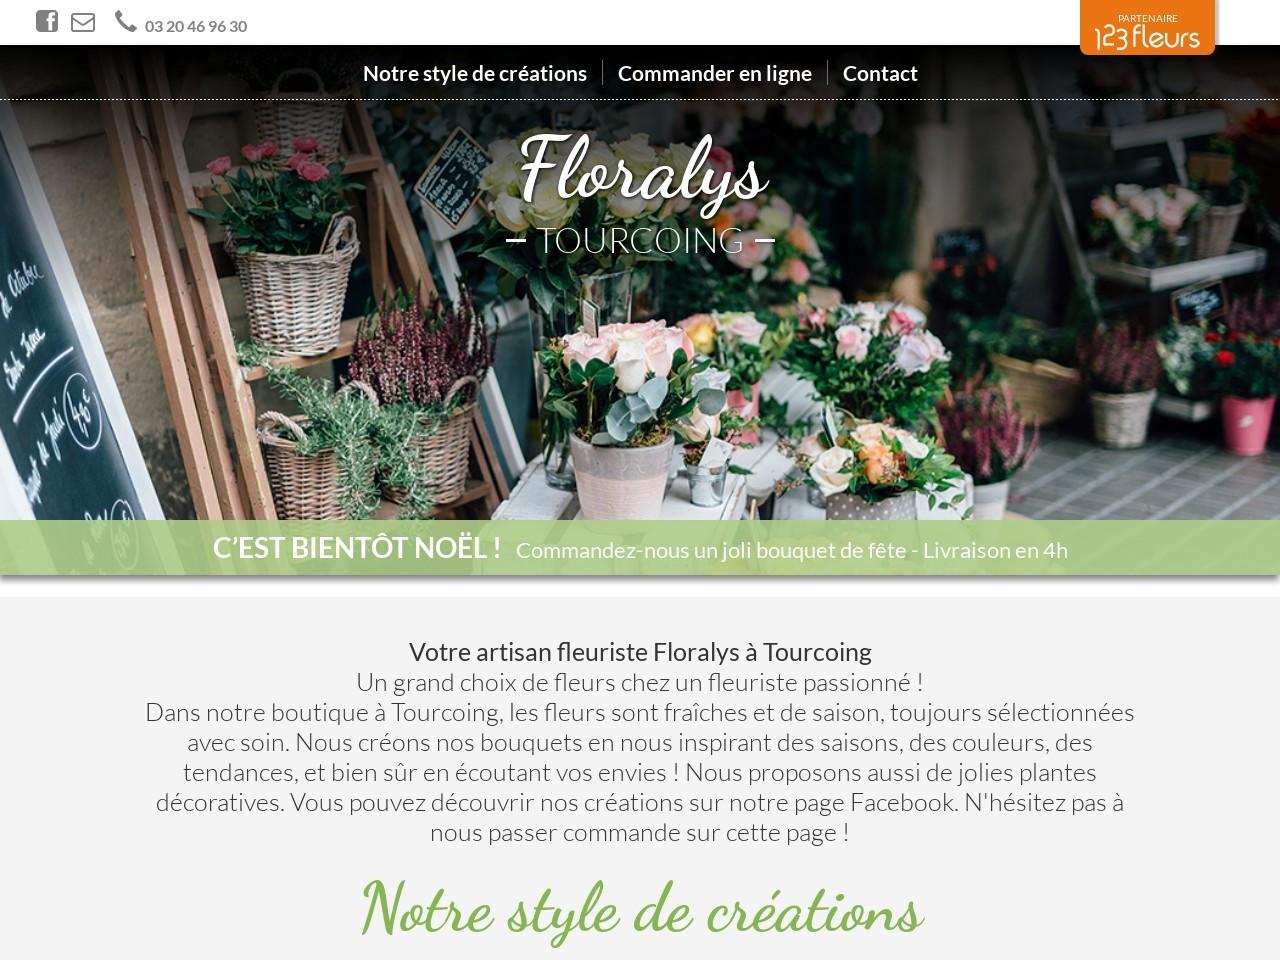 Site fleuriste Floralys- 123fleurs